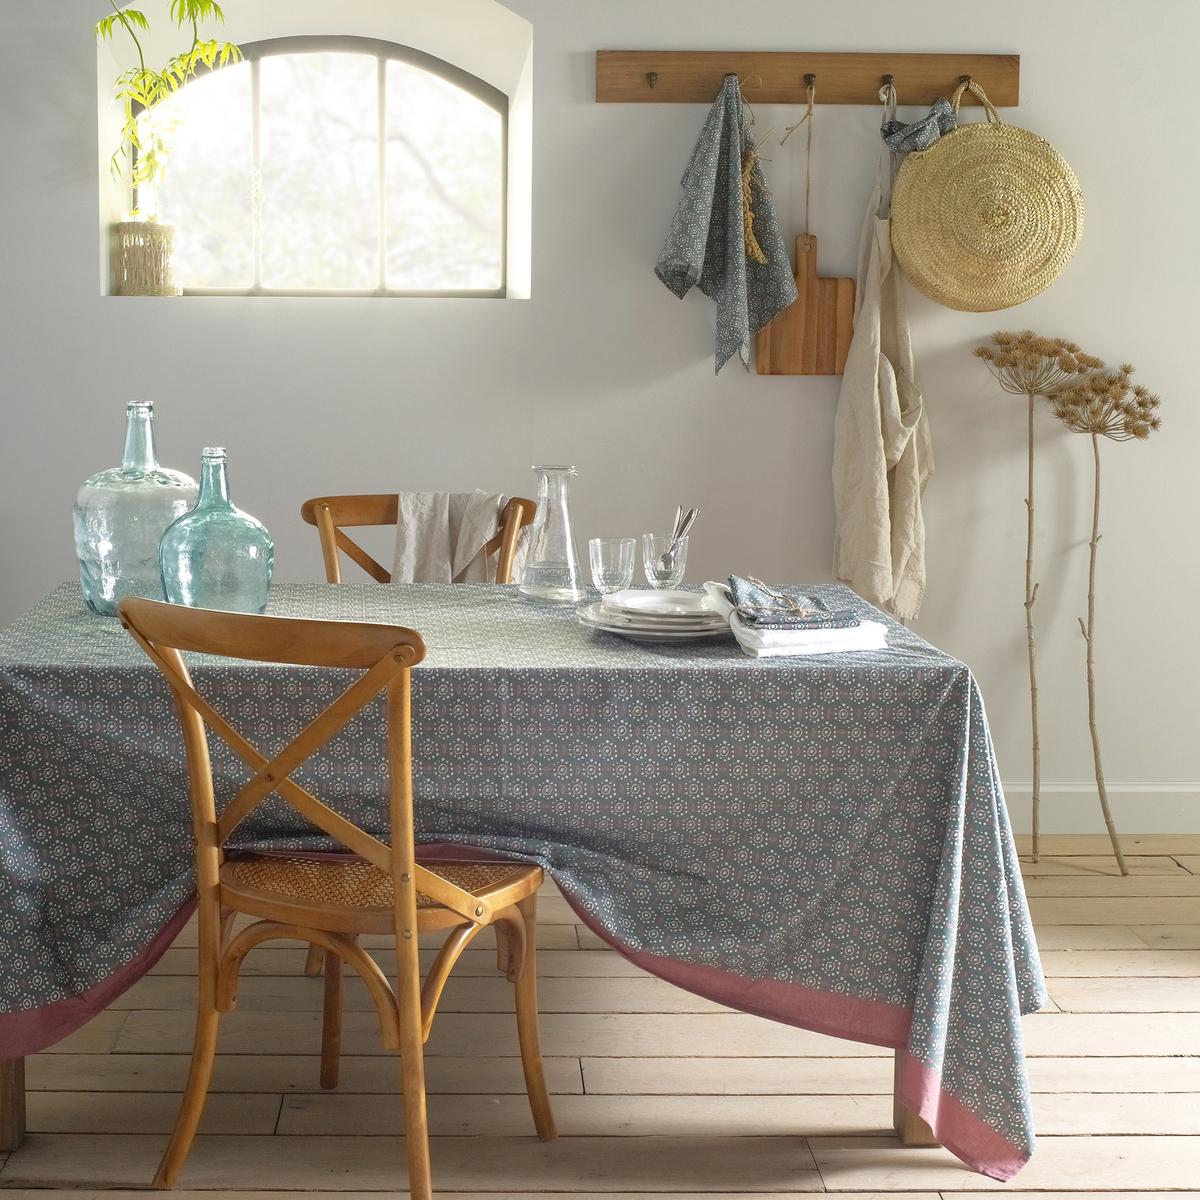 Toalha de mesa estampada em algodão/linho lavado, OLÉANE